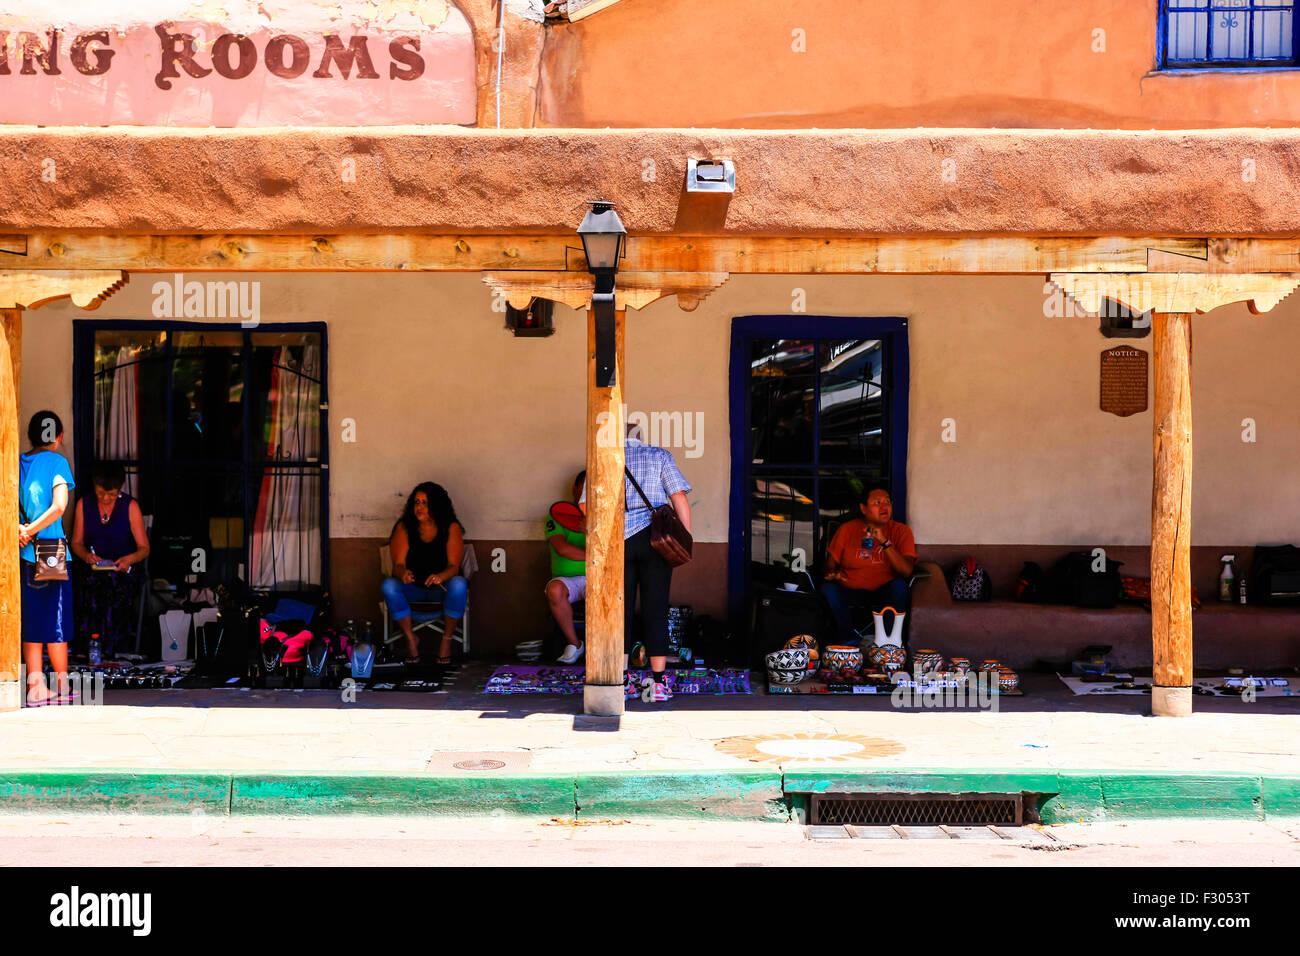 La Placita Dining Rooms Albuquerque Nm